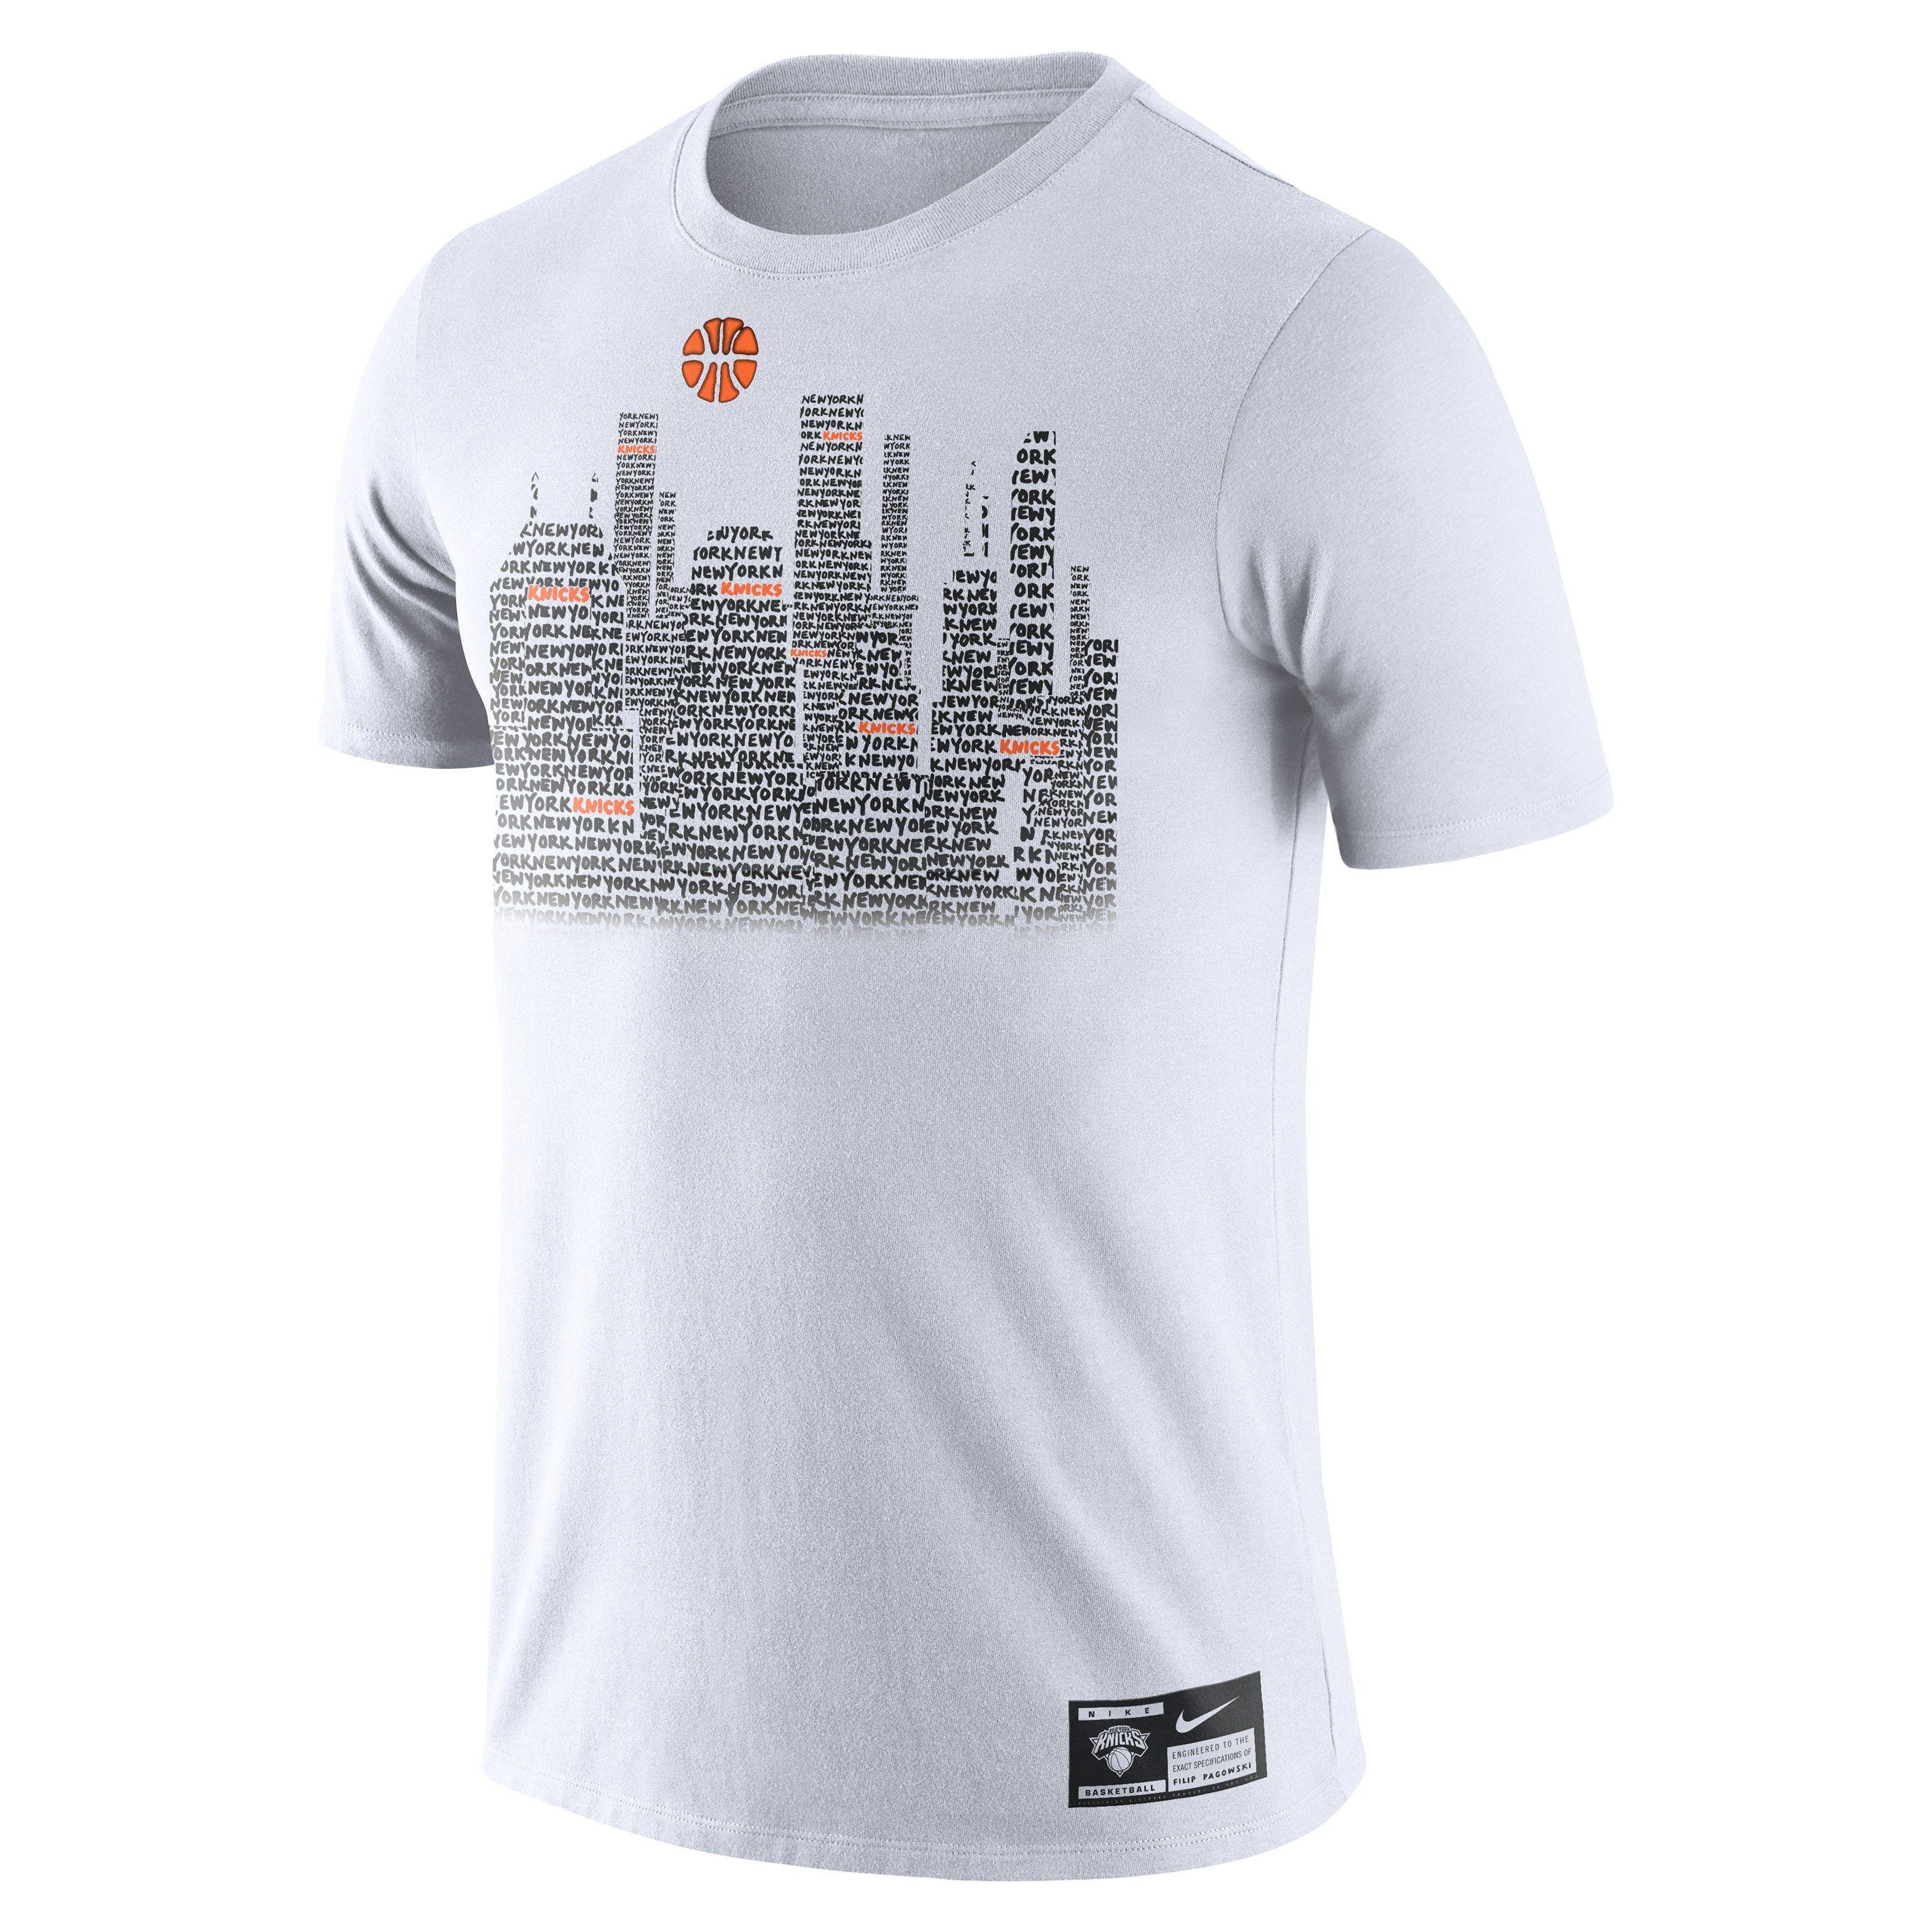 Filip Pagowski Redesigns NBA Team Logos for Nike TShirt